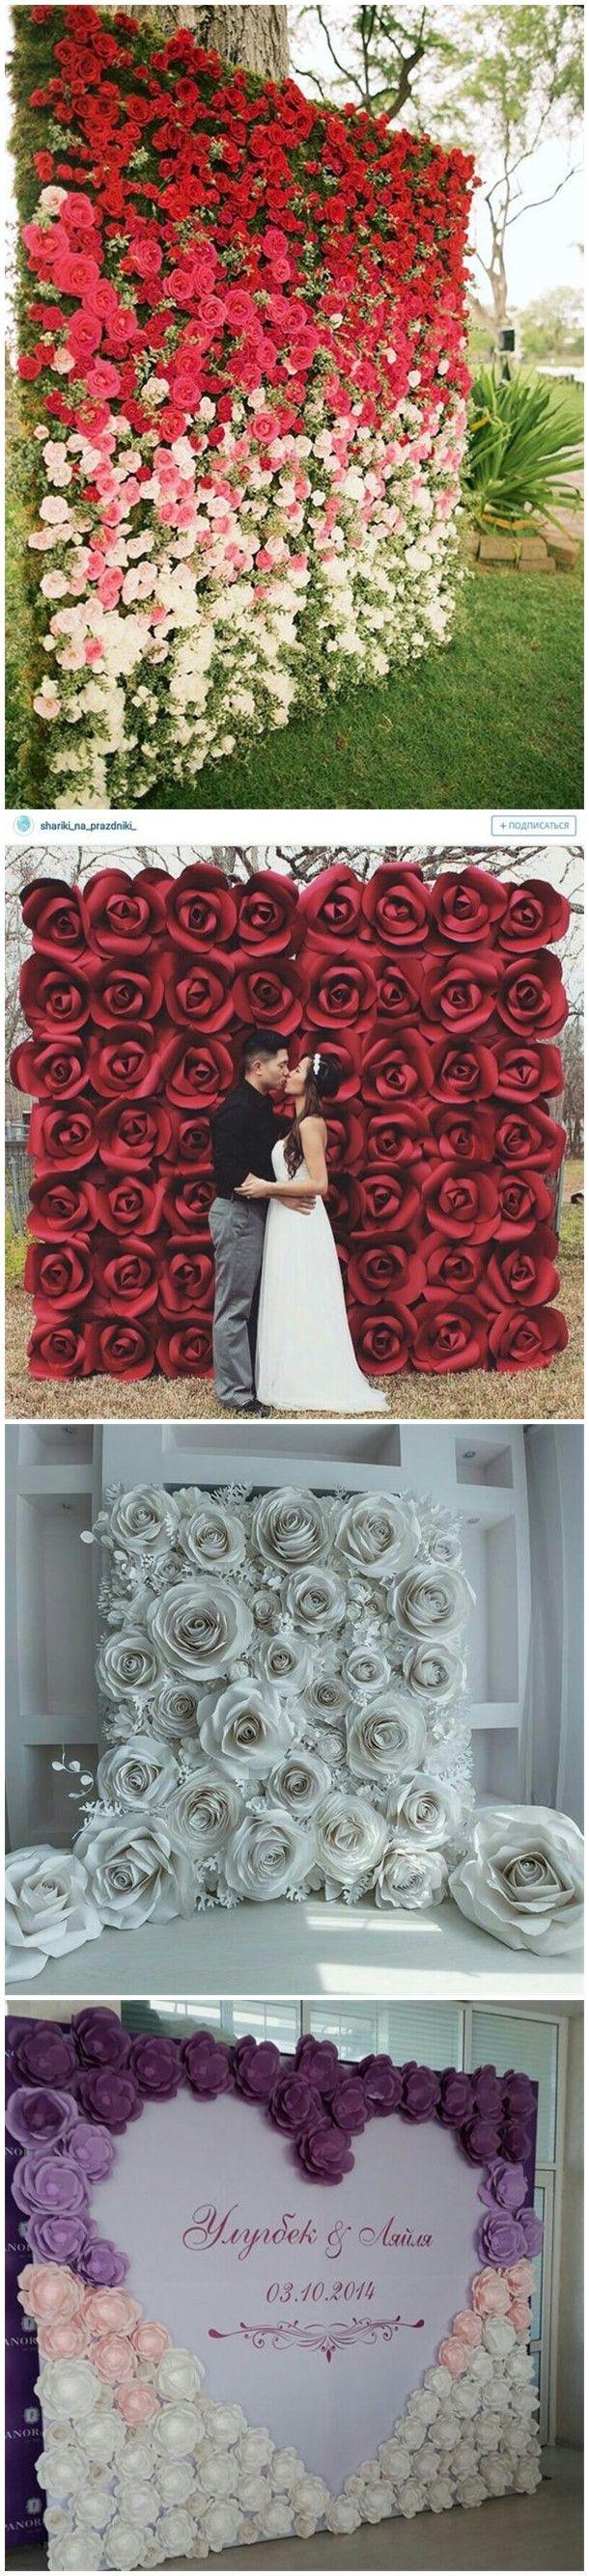 30 Unique and Breathtaking Wedding Backdrop Ideas Breathtaking wedding Wedding backdrop